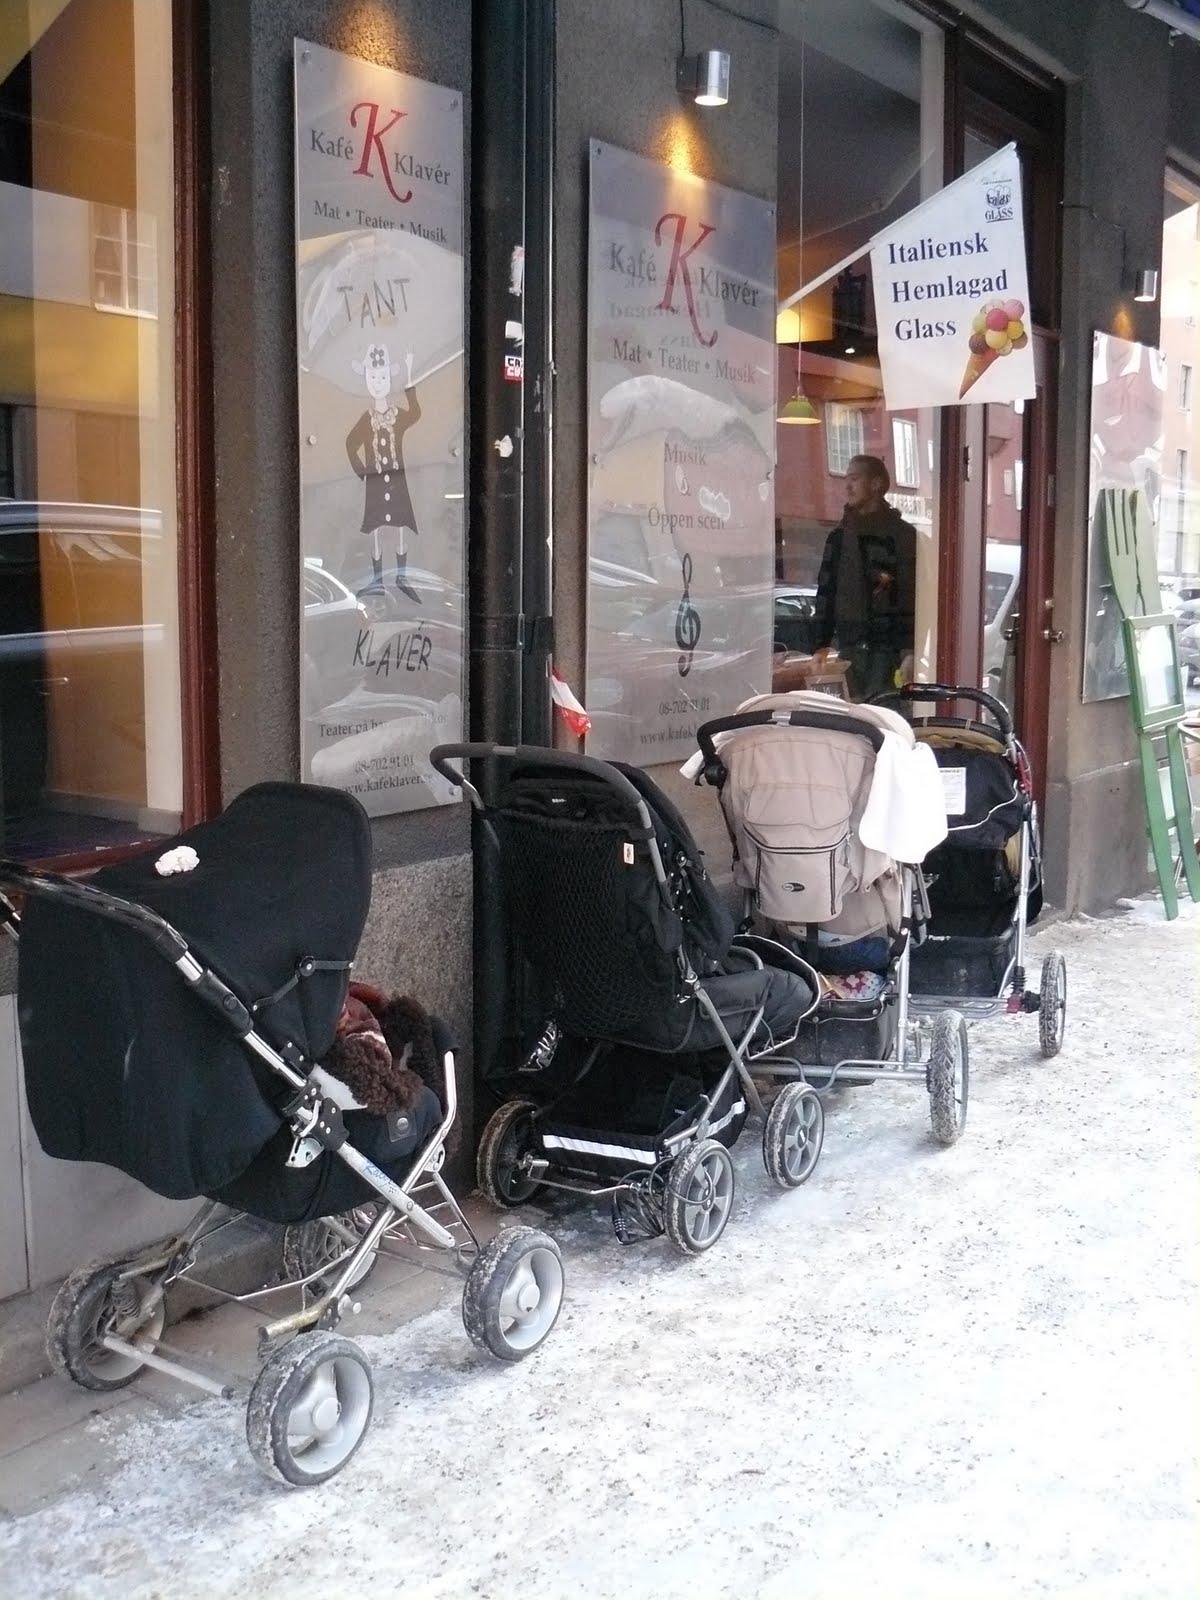 La siesta nórdica: ¿dejarías dormir a tu bebé en la calle a varios grados bajo cero?